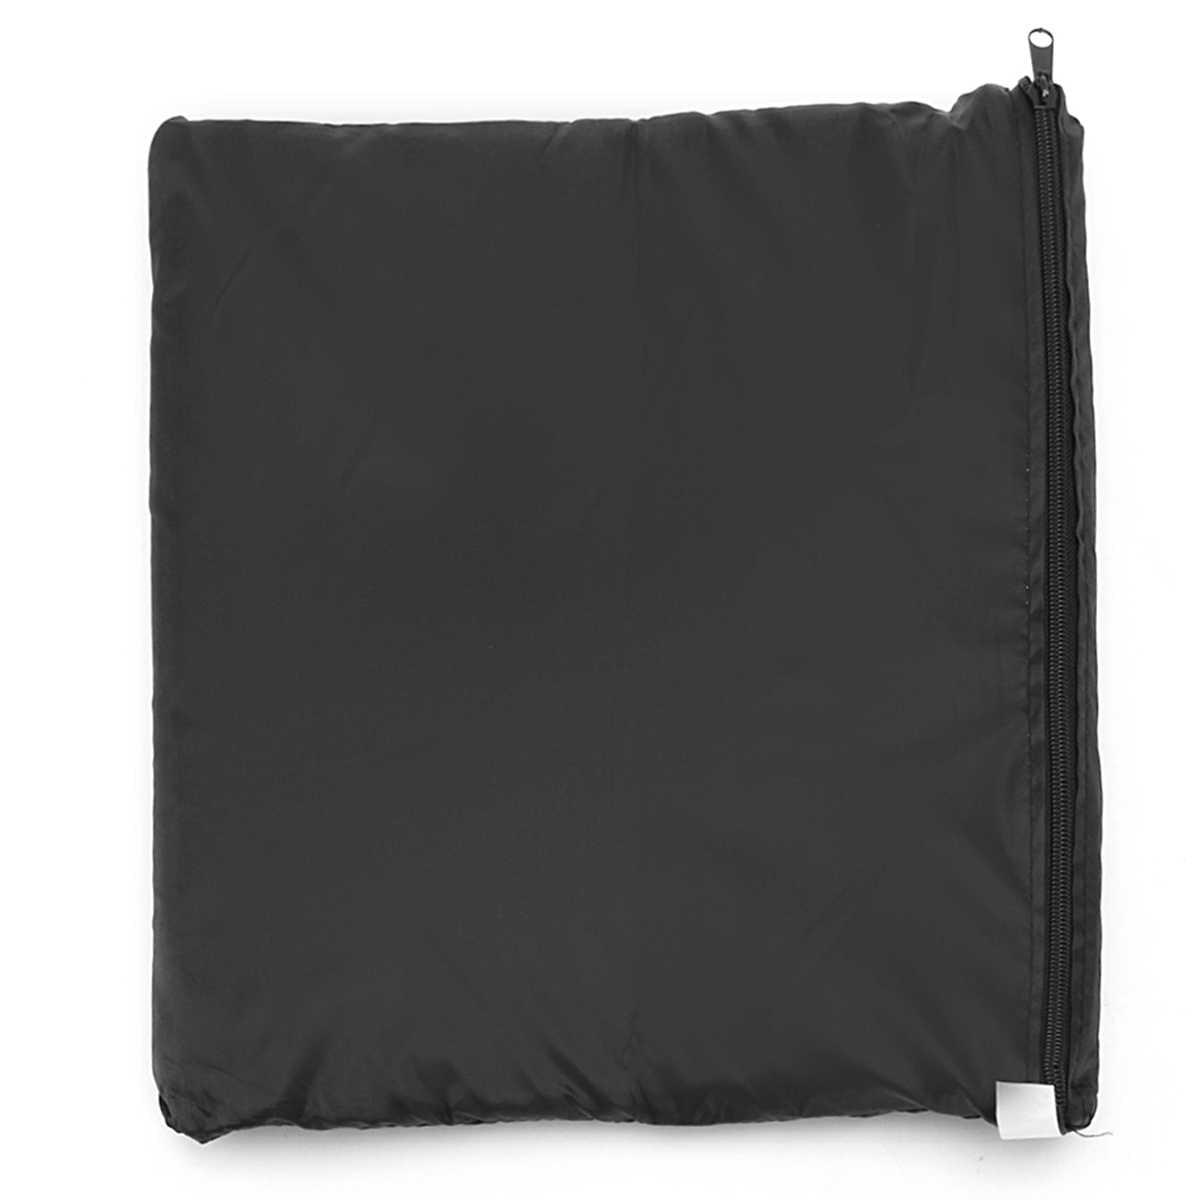 Водонепроницаемый патио мебель дождевик Водонепроницаемый плетеные диван защиты черный чехол для стол стул housse де Фаэтон